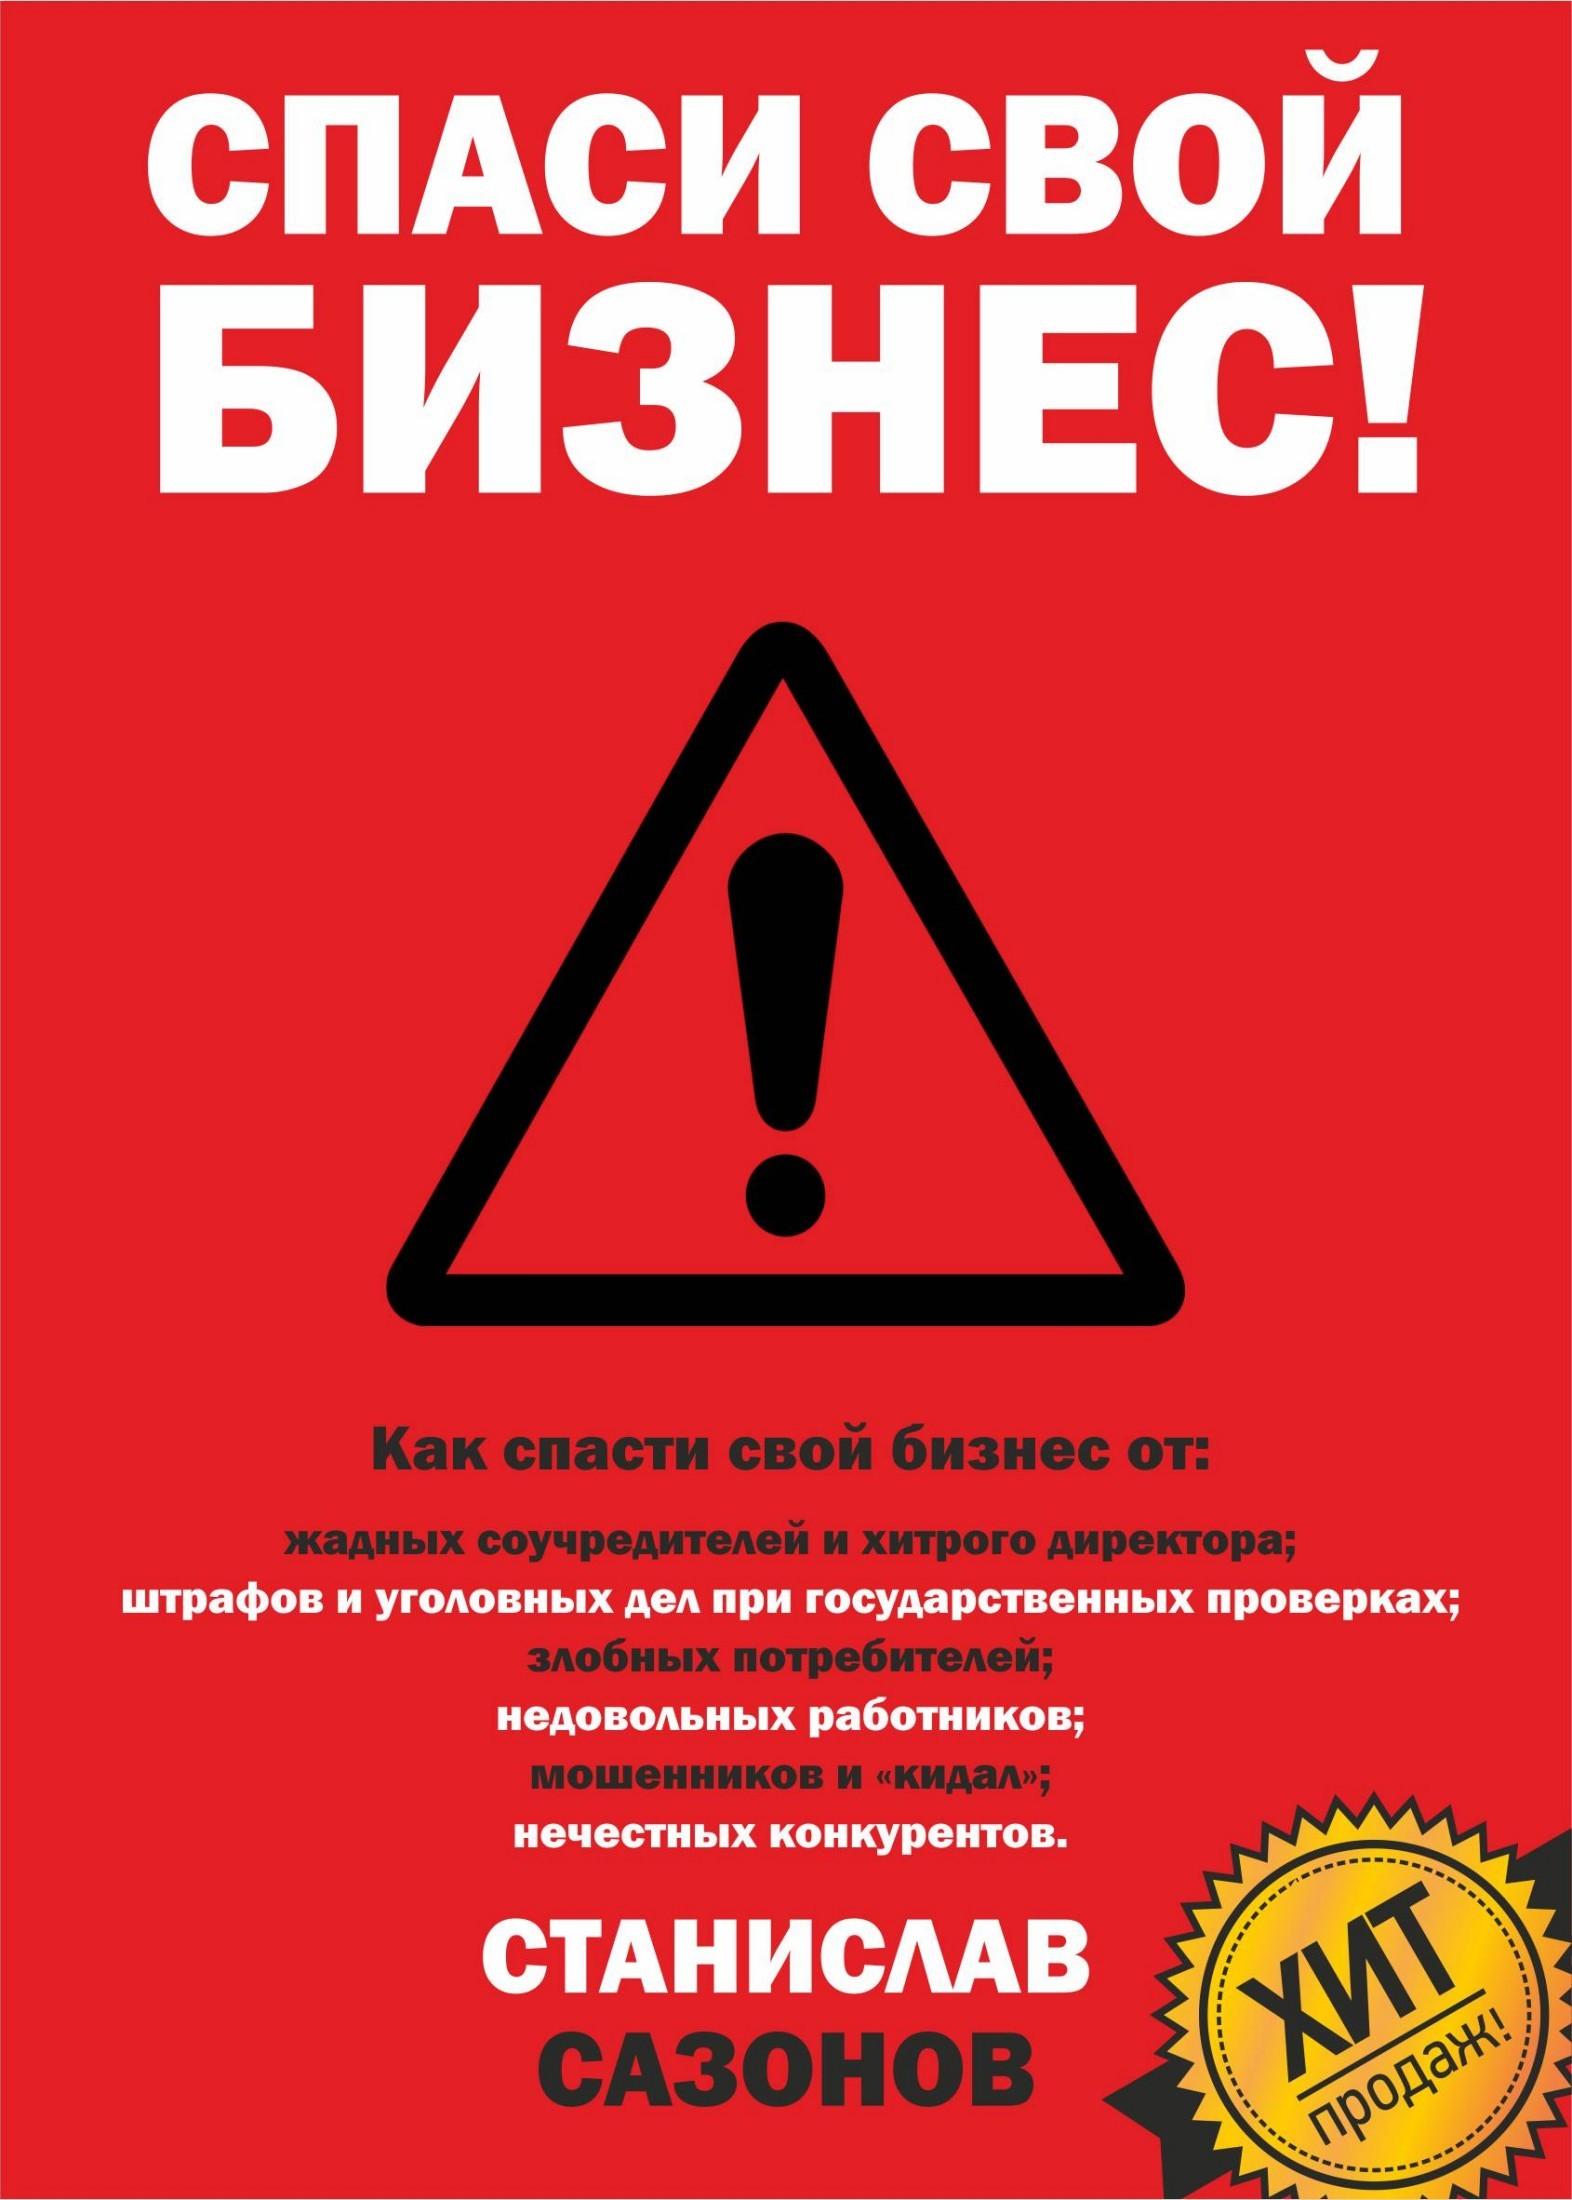 Обложка книги. Автор - Станислав Сазонов